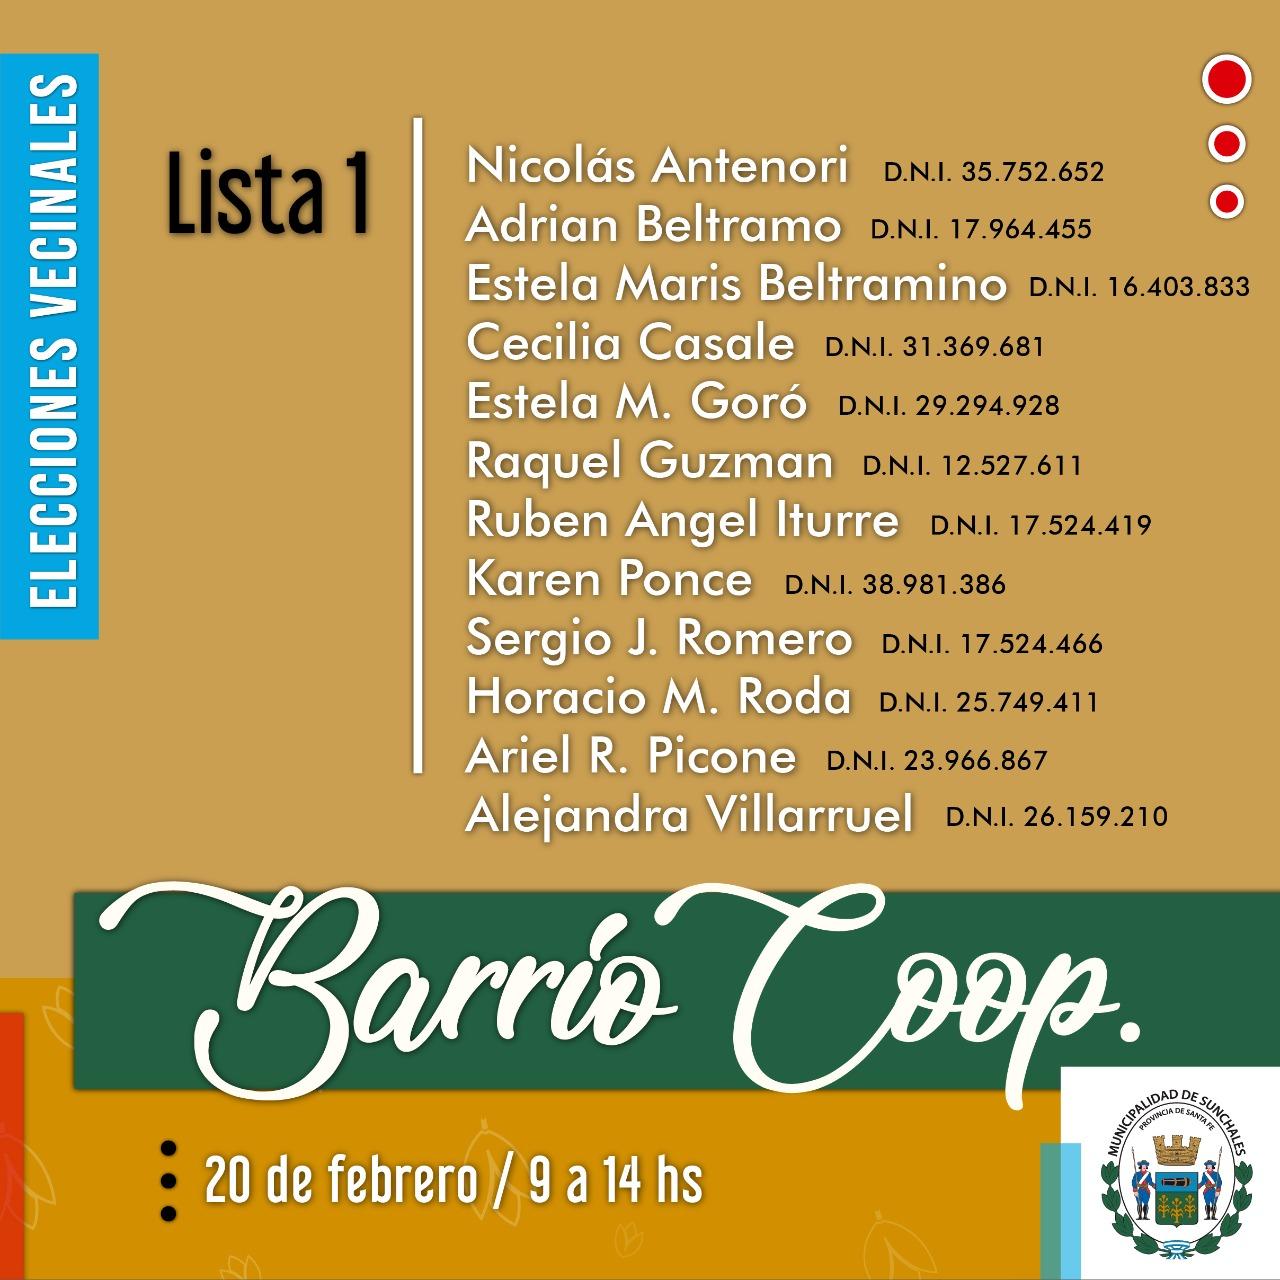 Lista 1 Coop